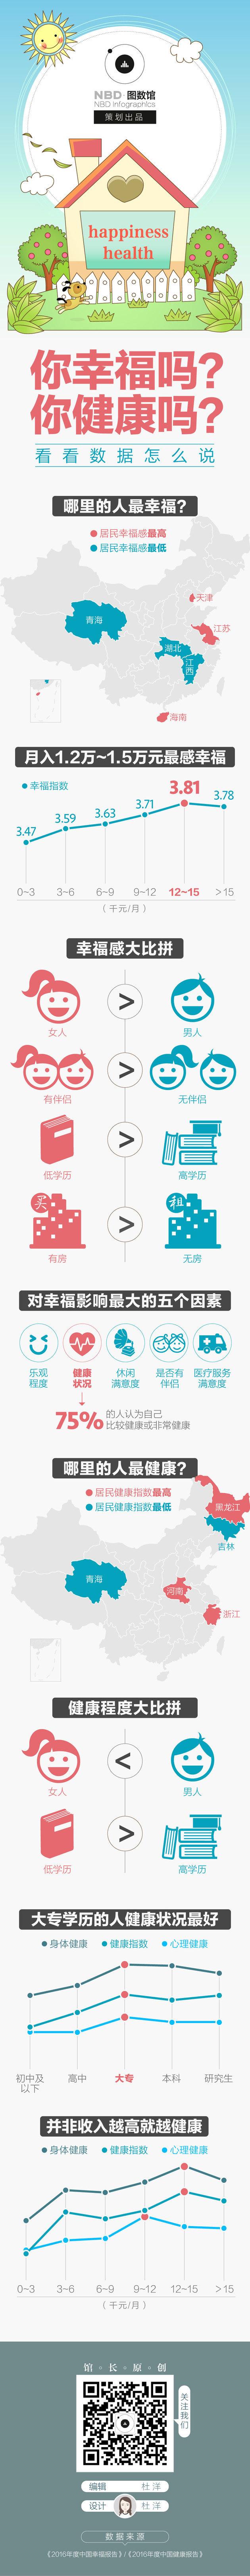 你幸福吗?你健康吗?看看数据怎么说